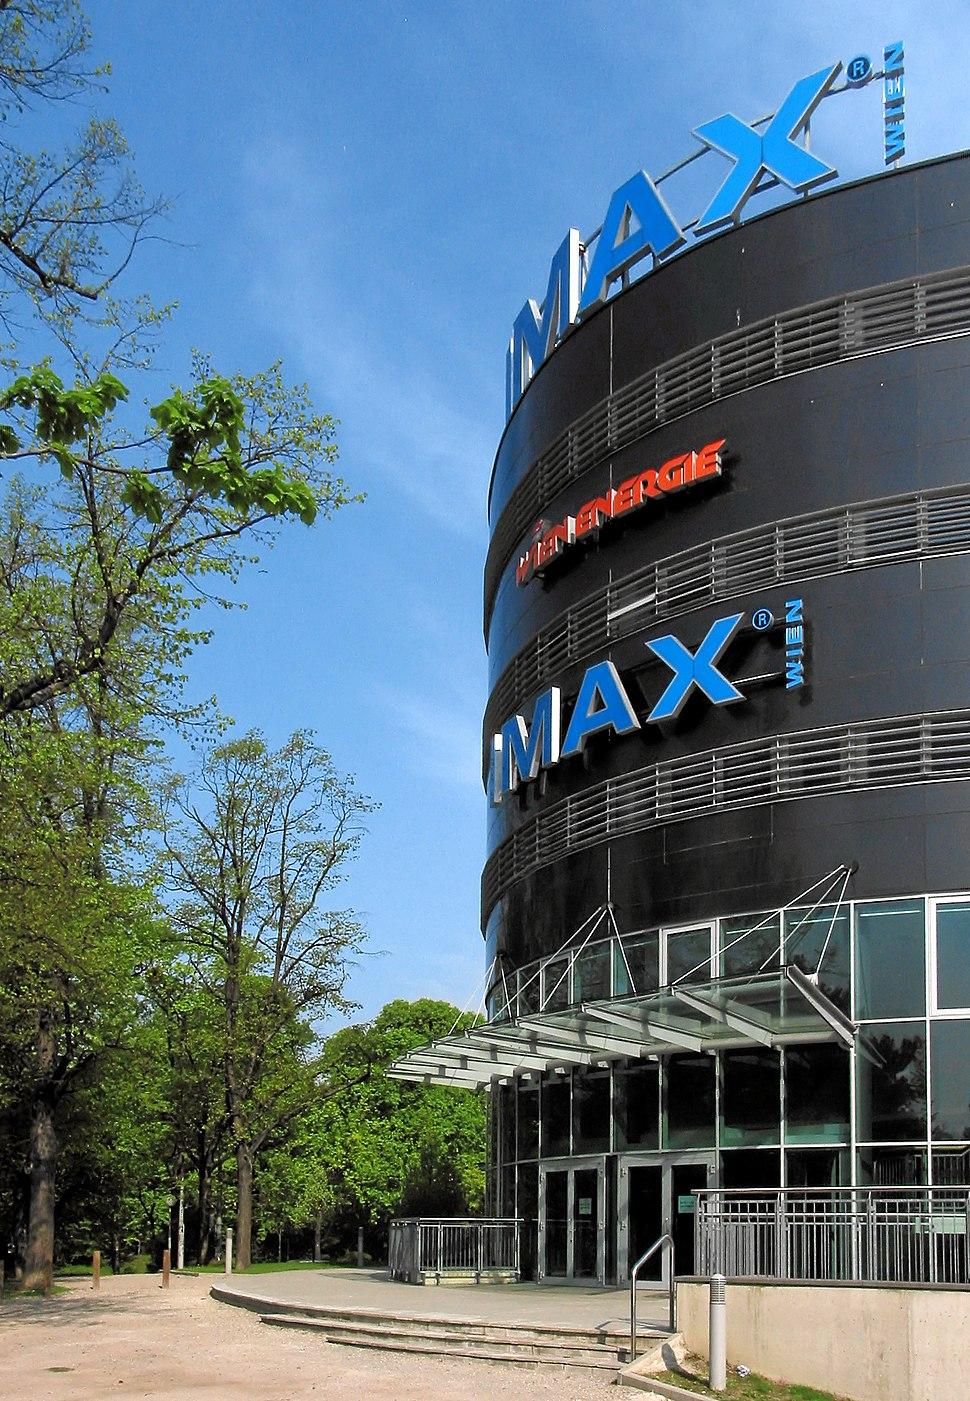 IMAX-Kino Wien 2006 04 25